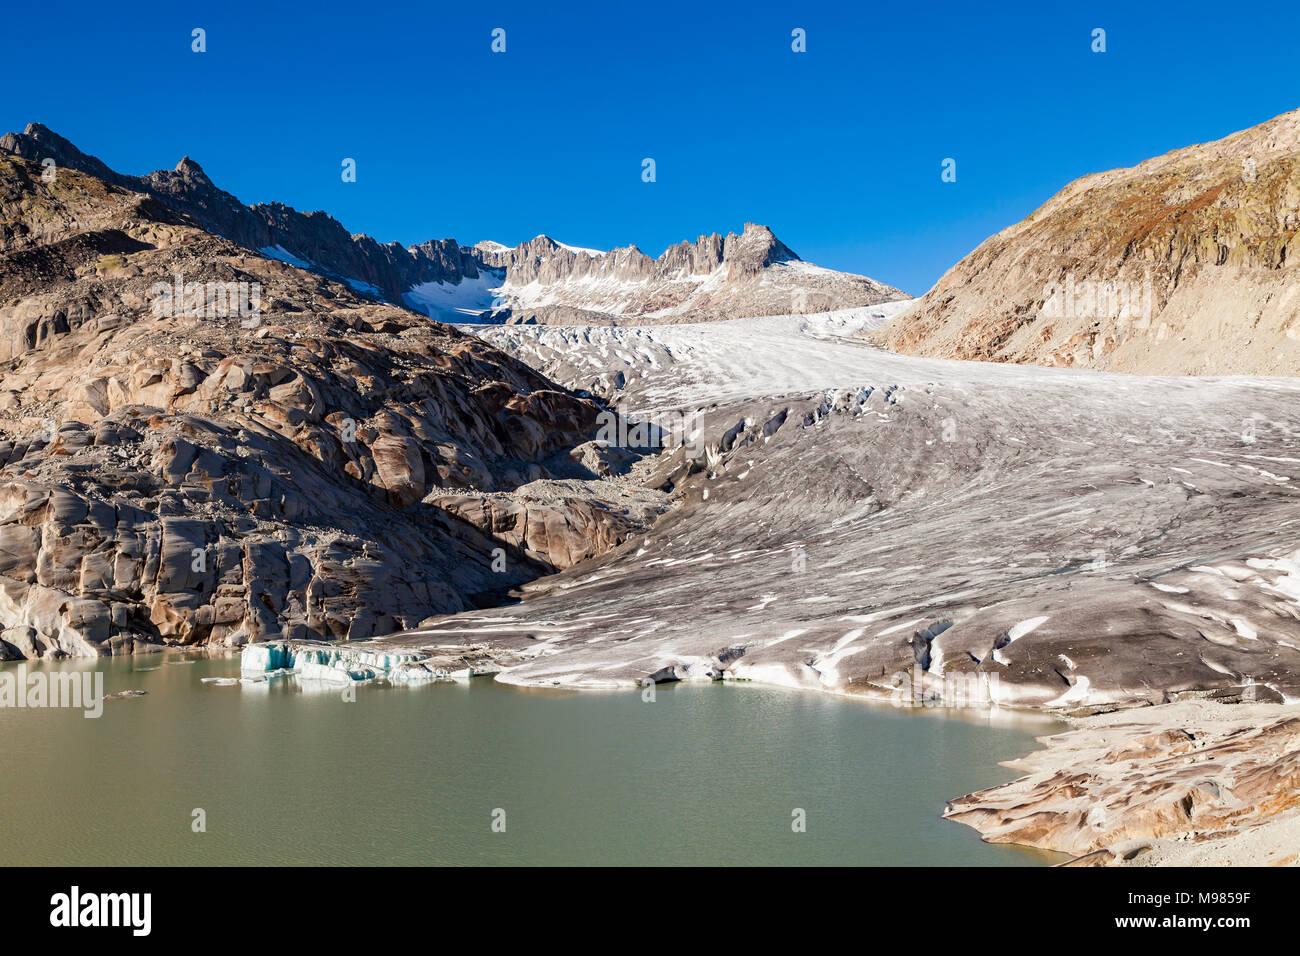 Schweiz, Kanton Wallis, Alpen, Gebirge, Rhonegletscher, Talgletscher, Gletscherzunge, Gletscherzungensee, See, Gletscher, Gletscherschmelze, Klimawand Stock Photo